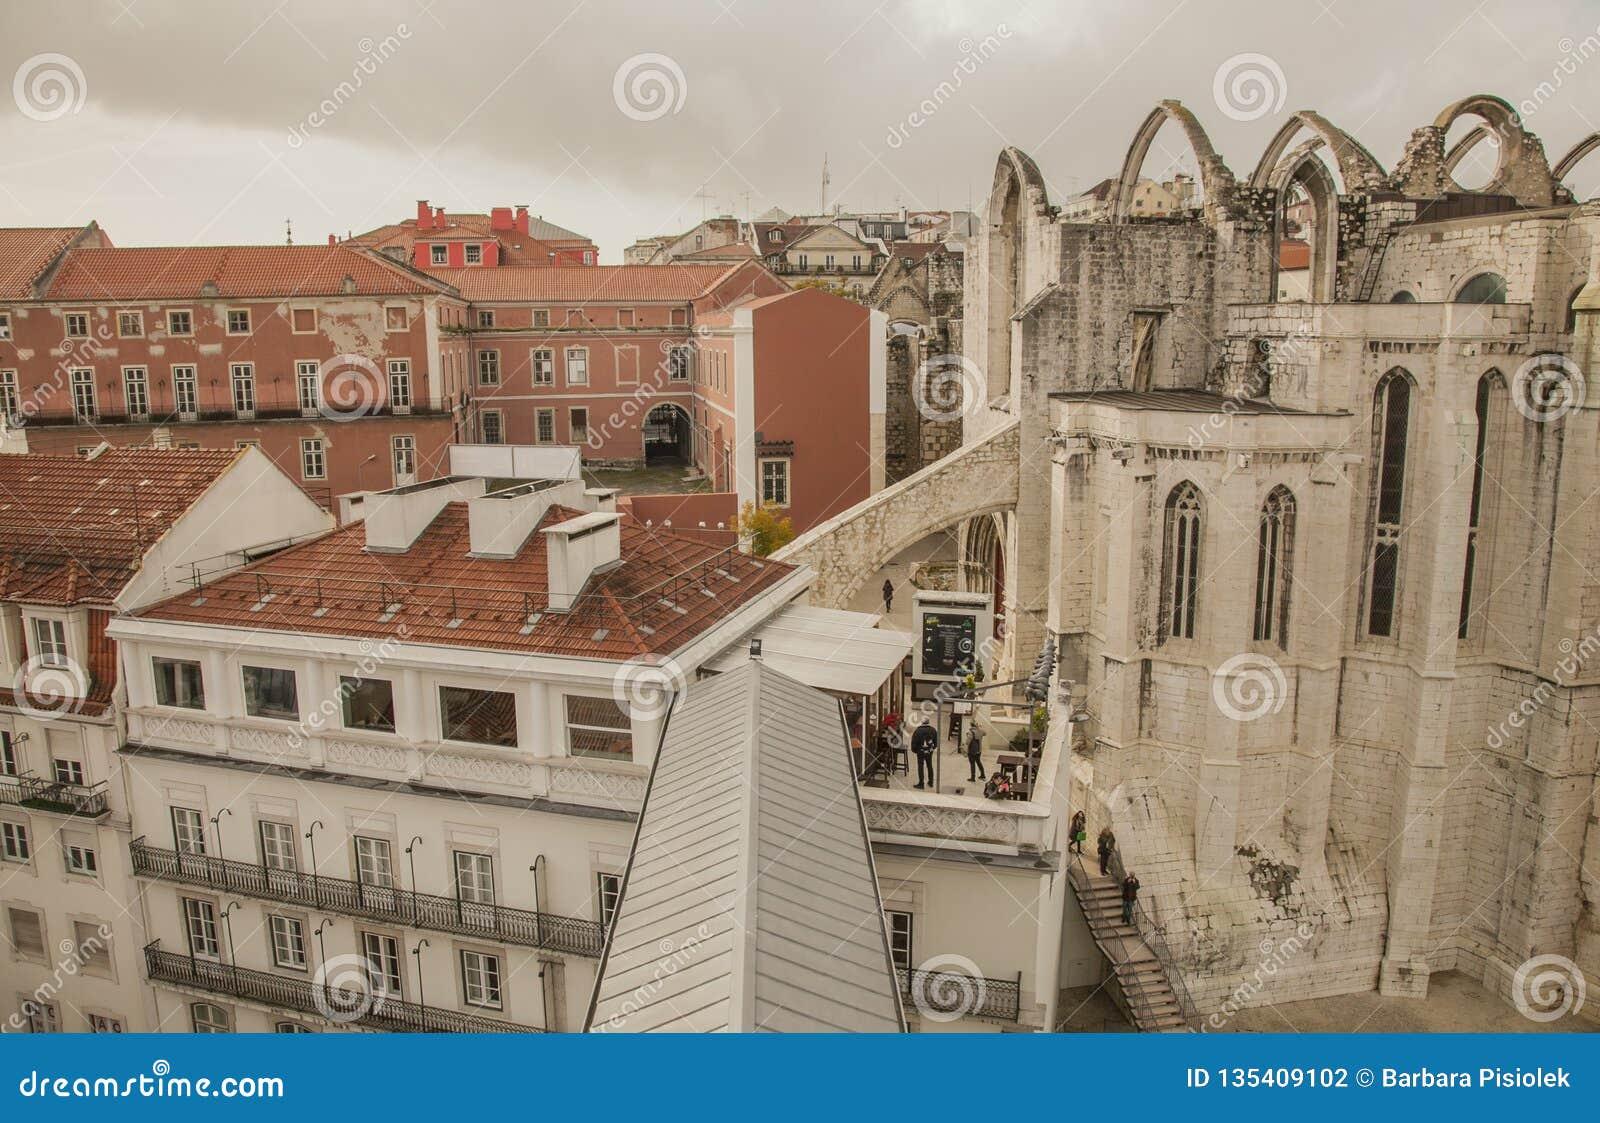 里斯本,葡萄牙,欧洲-从圣诞老人胡斯塔推力看见的老镇的房子